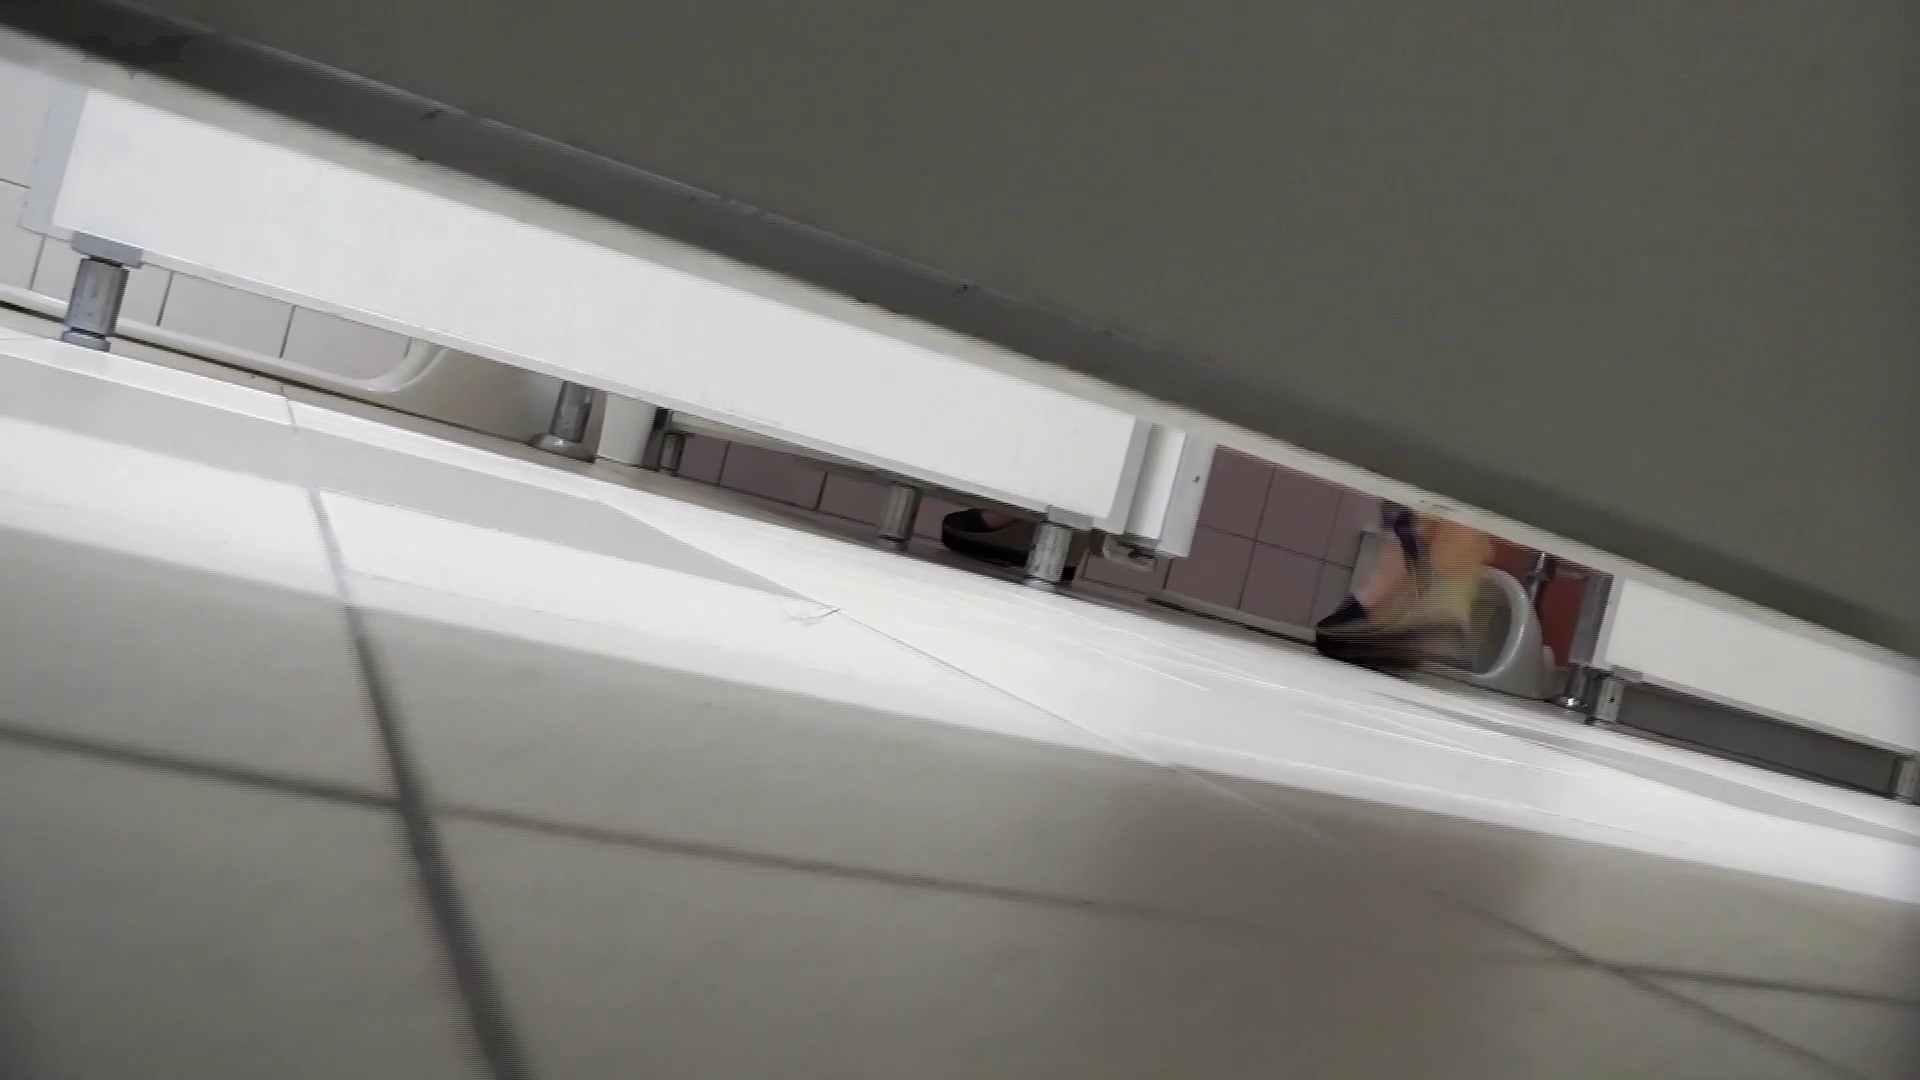 美しい日本の未来 No.29 豹柄サンダルは便秘気味??? ギャル・コレクション | 盗撮エロすぎ  38連発 16